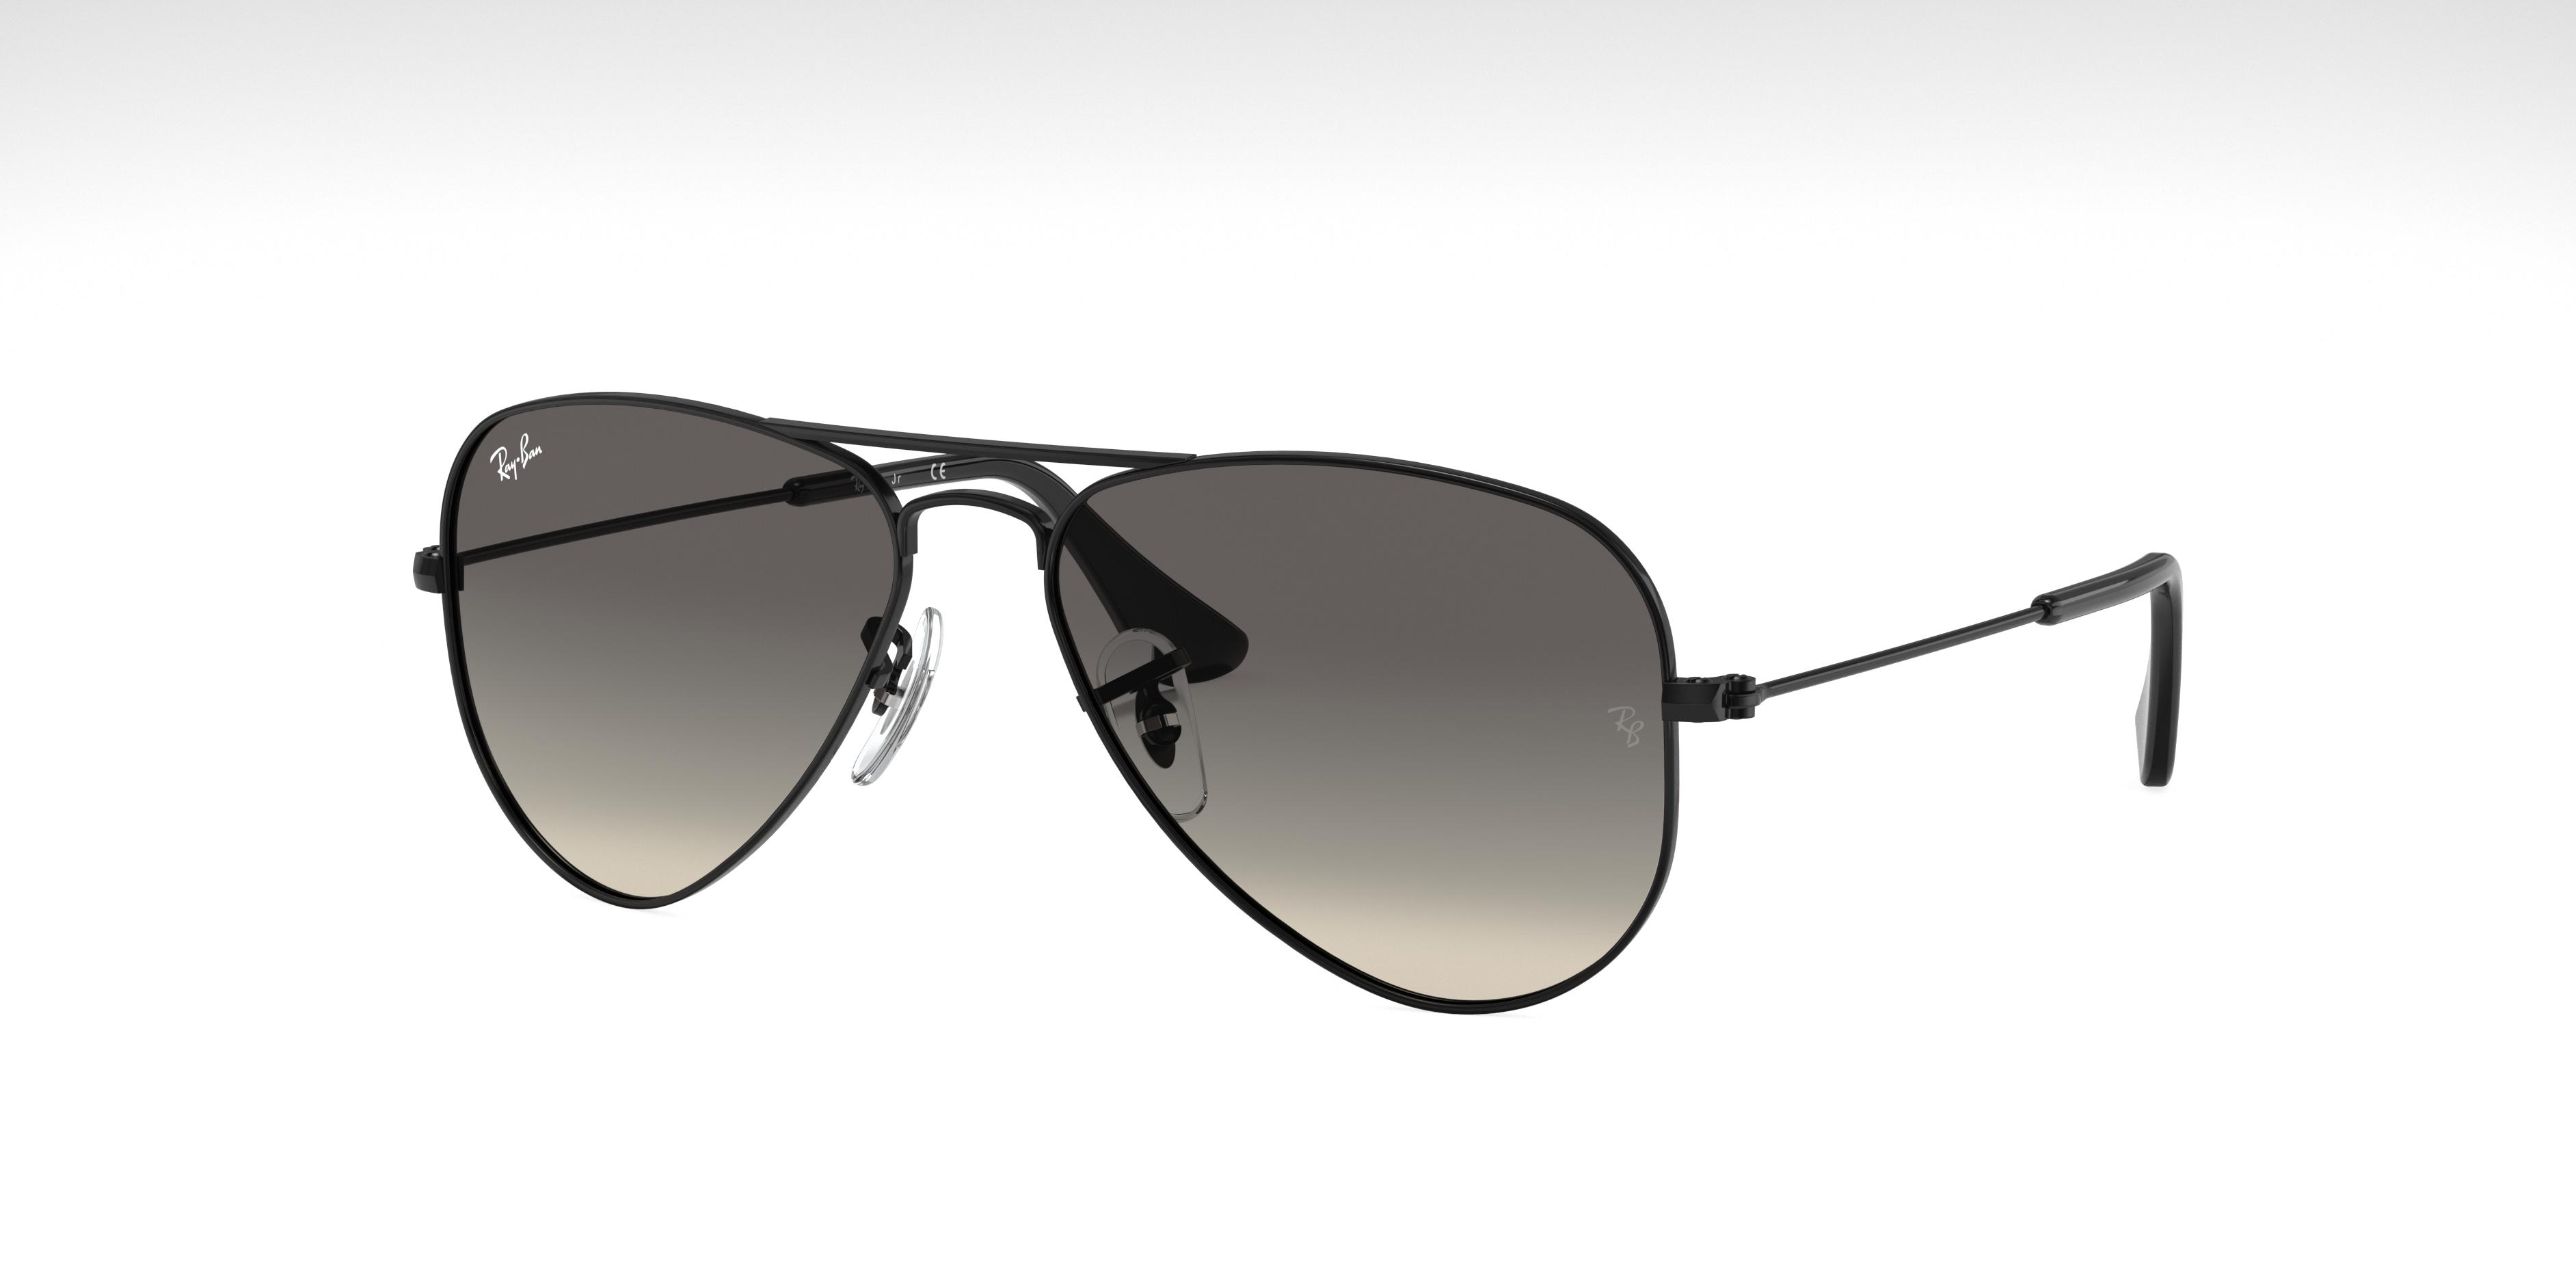 Ray-Ban Aviator Junior Black, Gray Lenses - RJ9506S